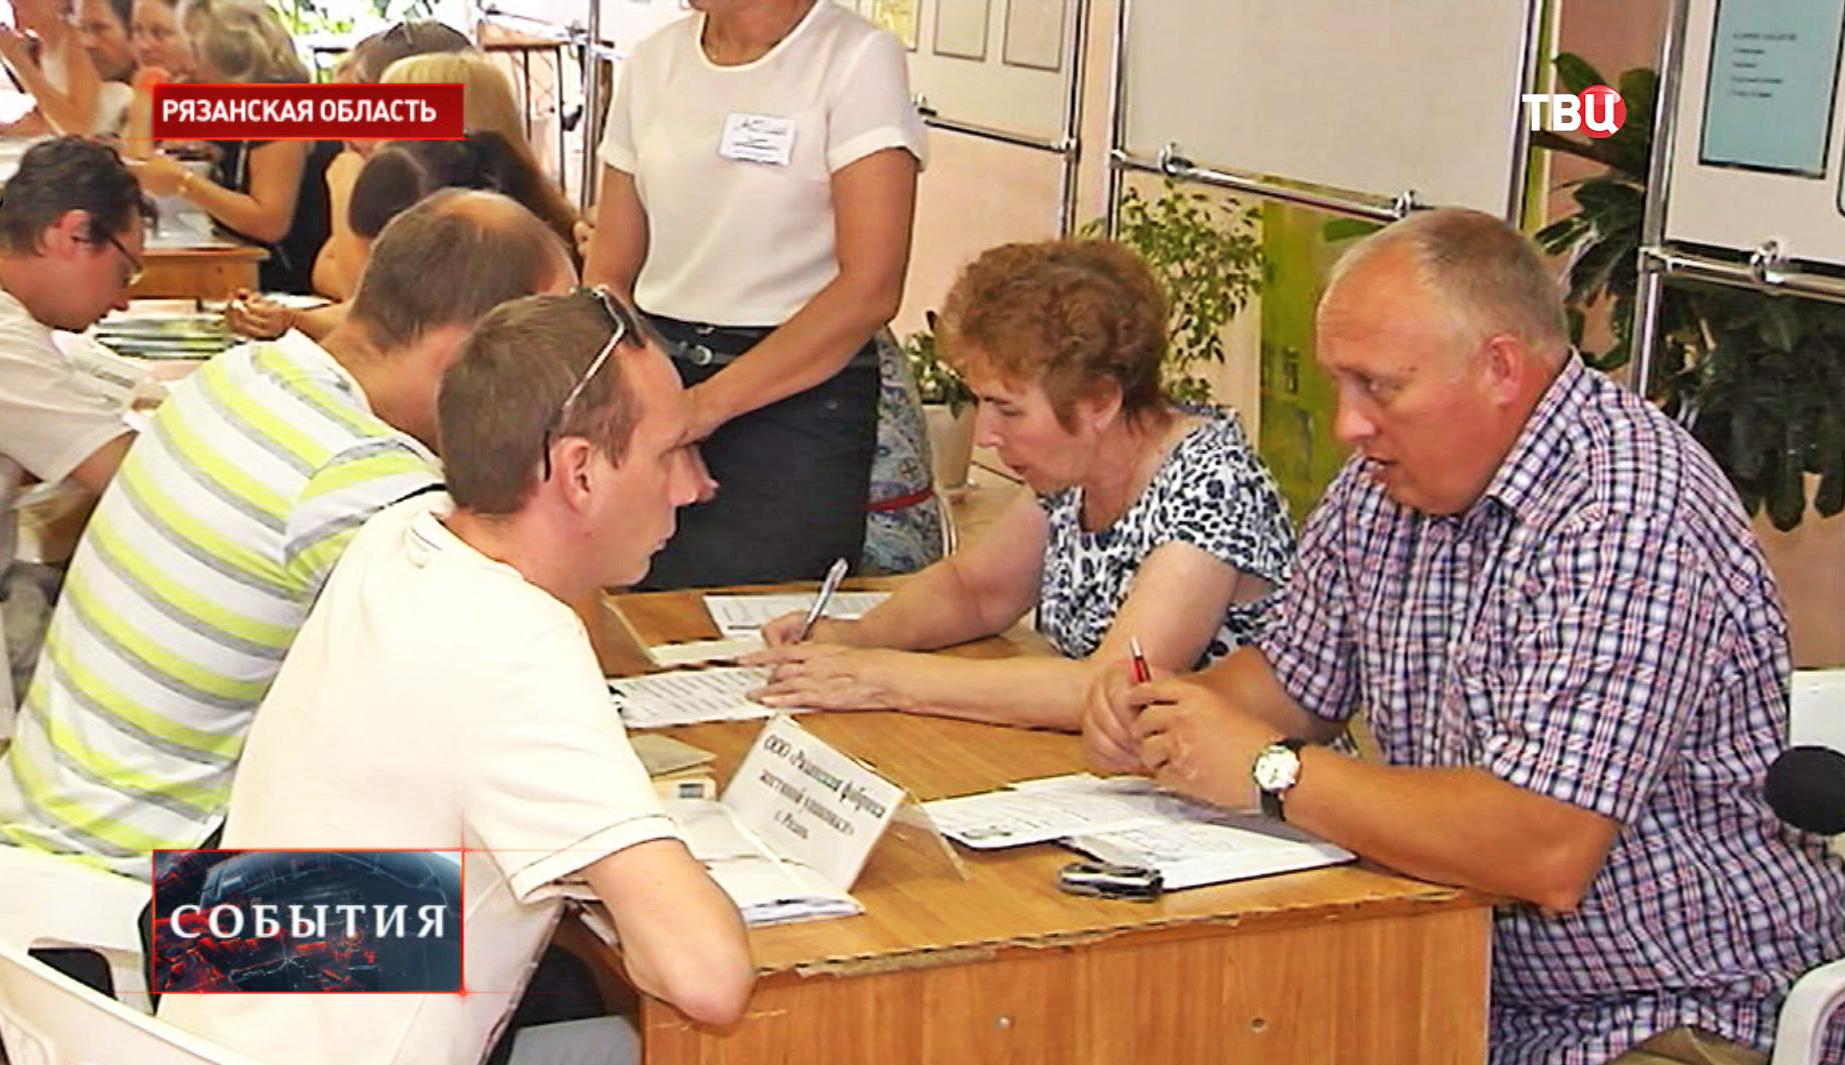 Беженцы с Украины на ярмарке вакансий в Рязанской области